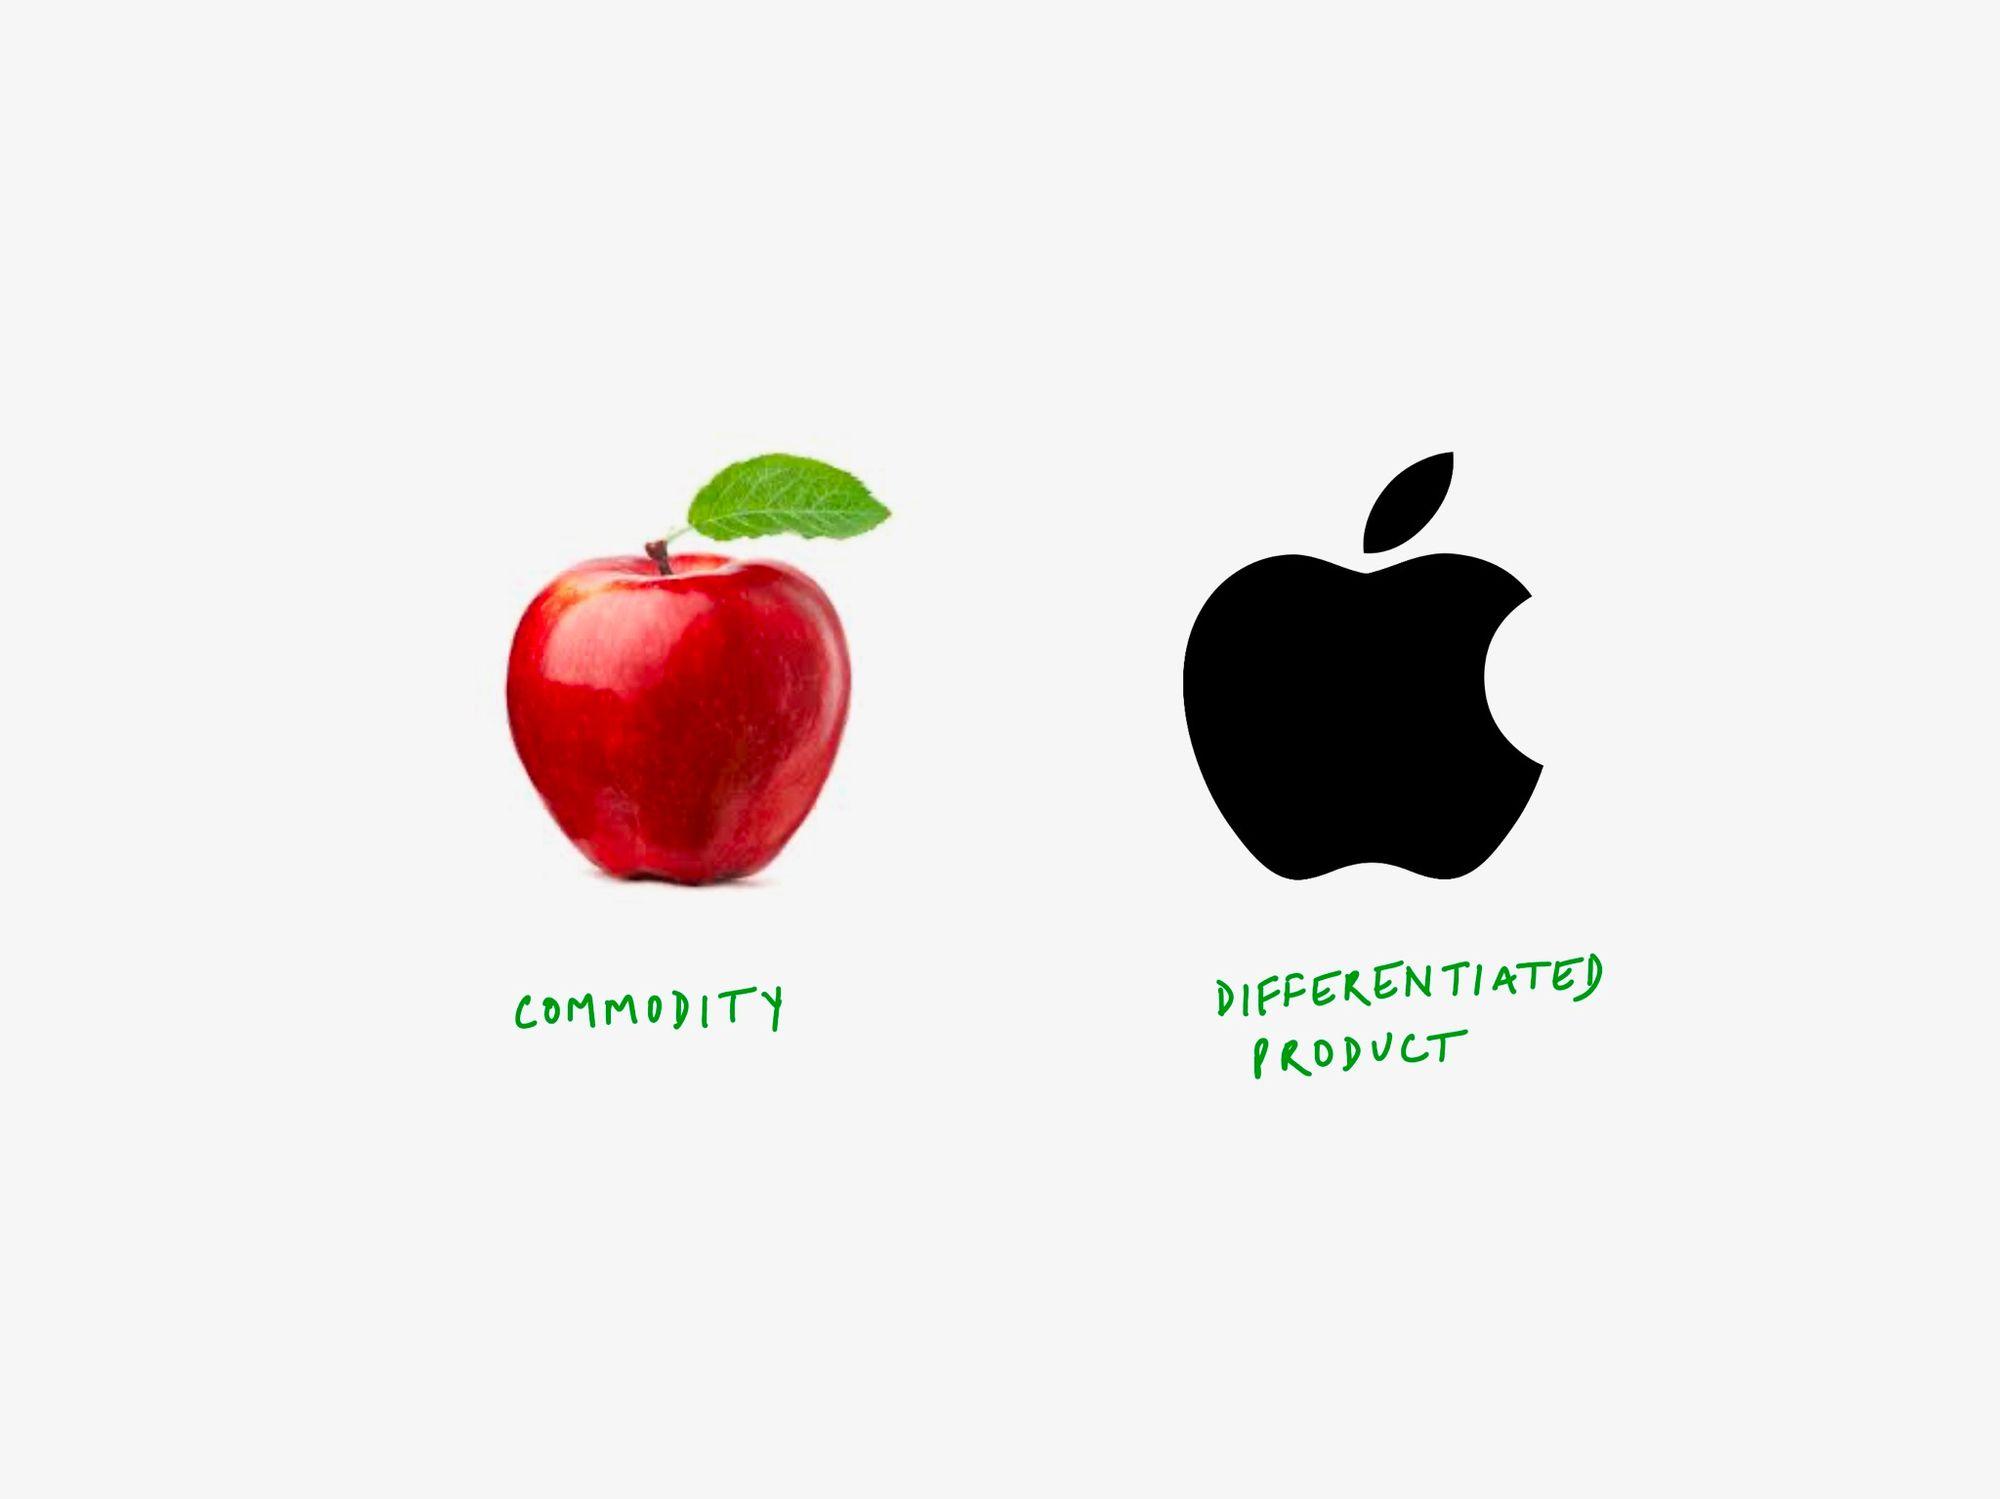 apple-vs-Apple